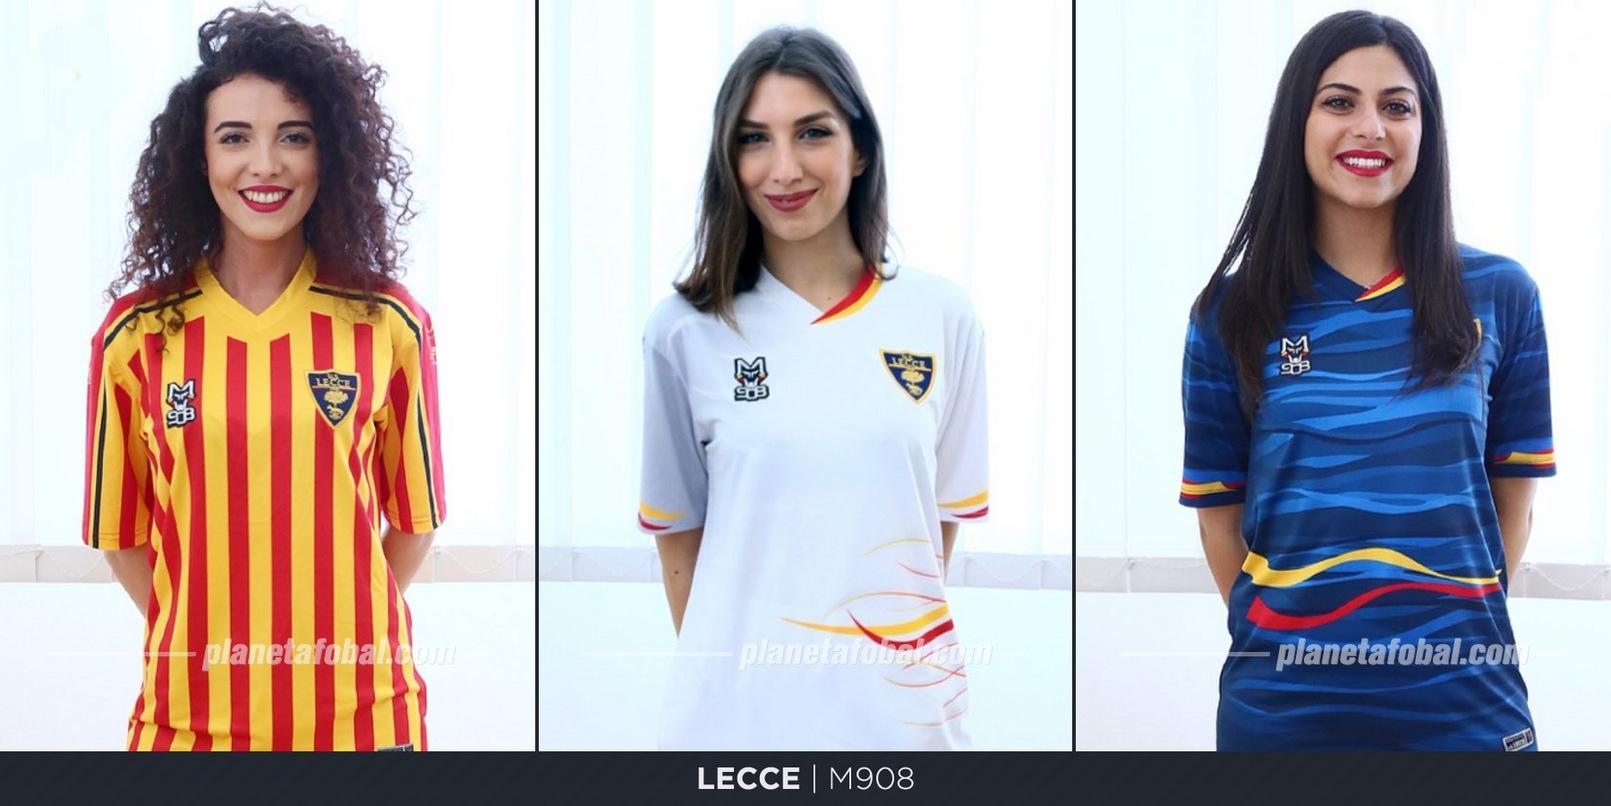 Lecce (M908) | Camisetas de la Serie A 2019-2020